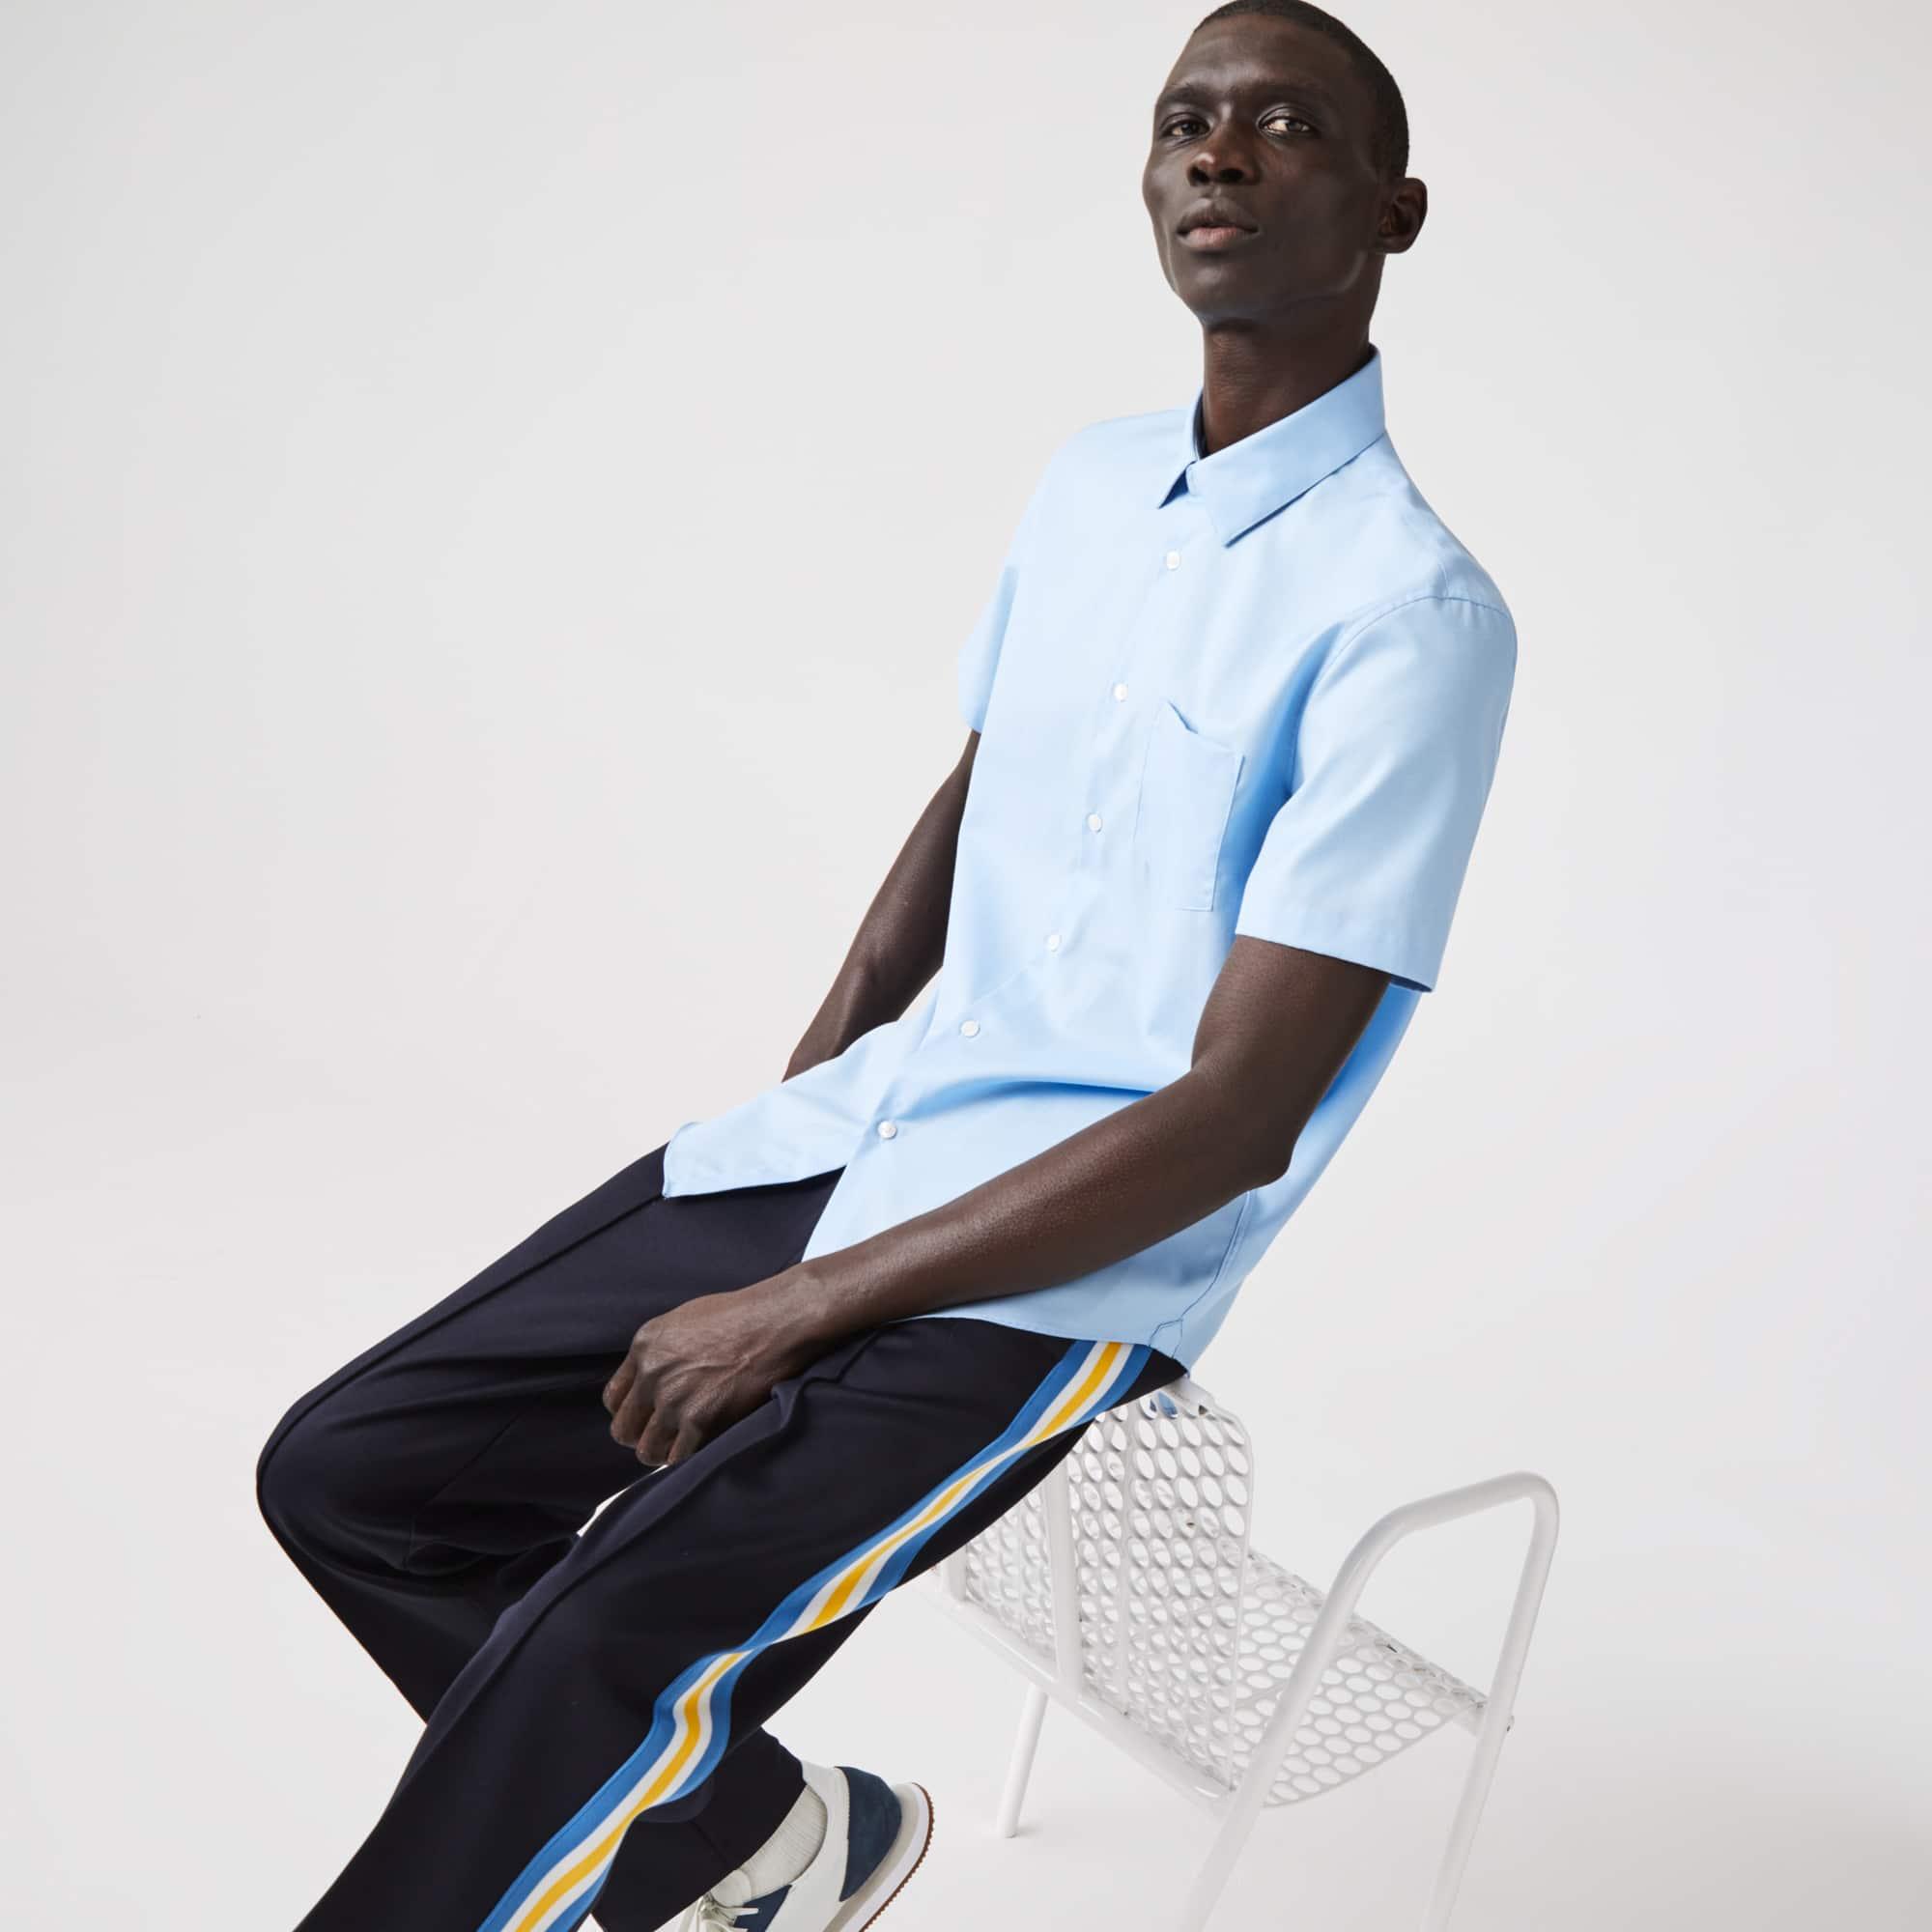 라코스테 맨 코튼 포플린 셔츠 Lacoste Mens Regular Fit Textured Cotton Poplin Shirt